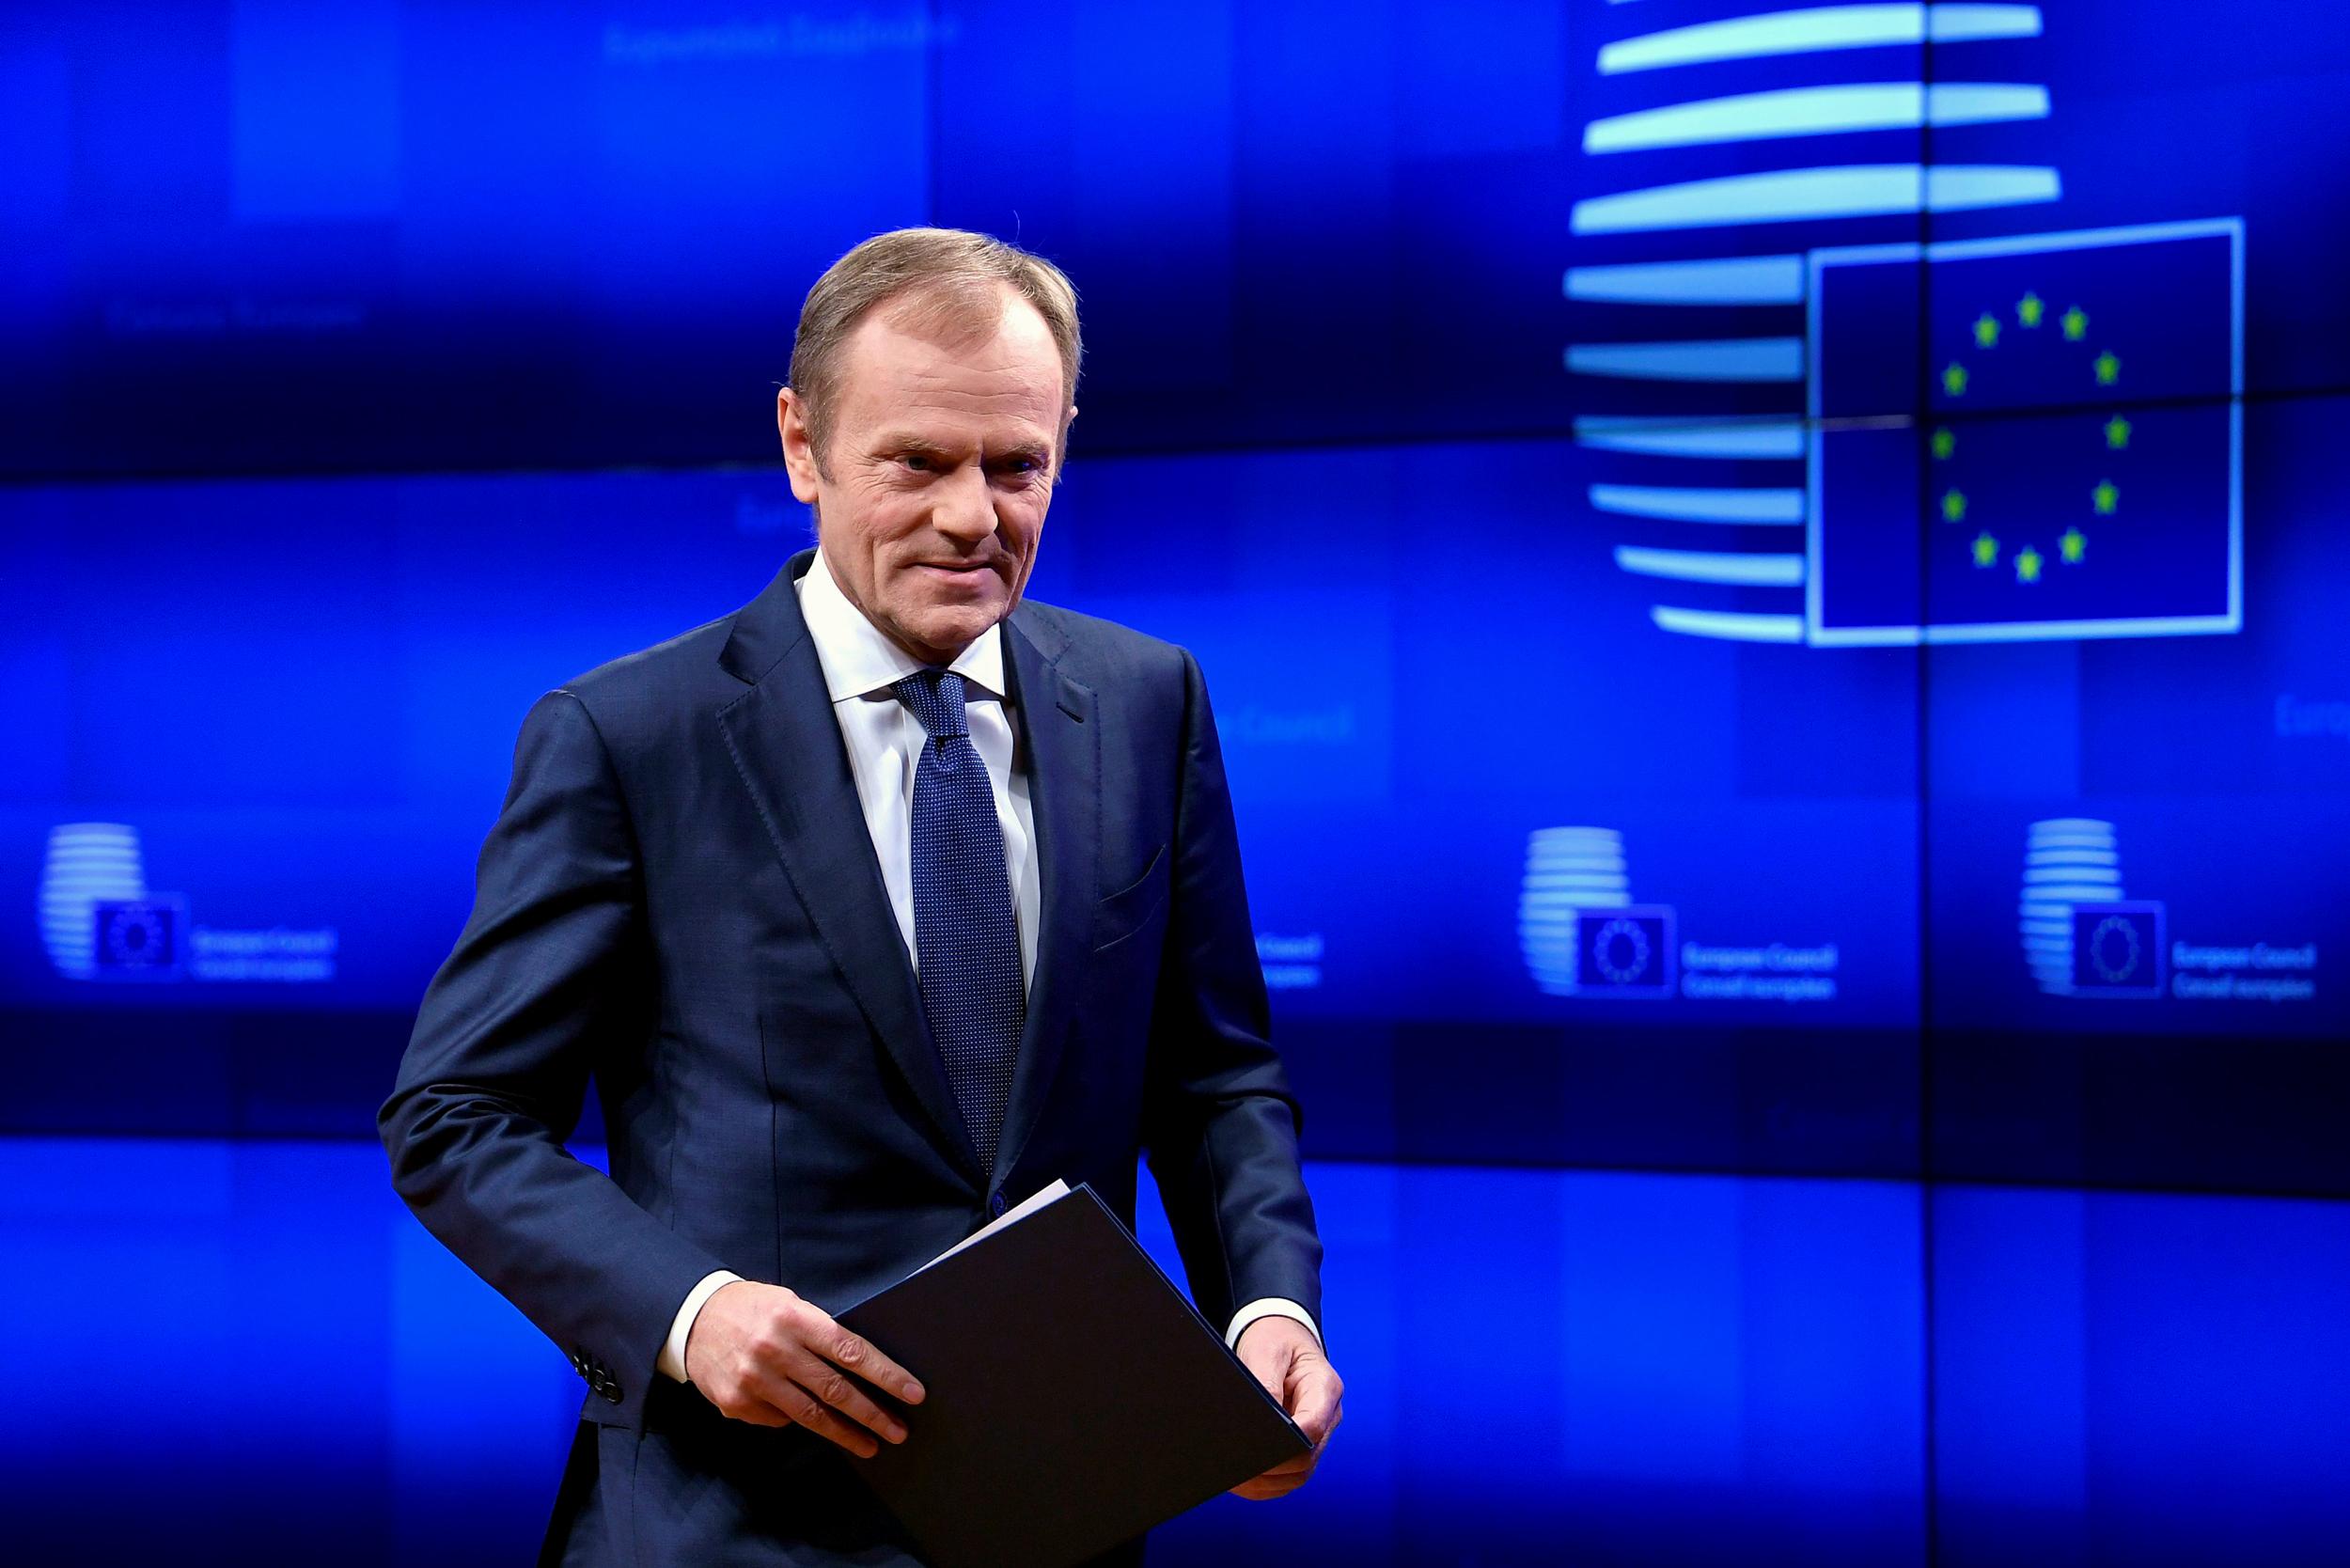 E.U. head Donald Tusk sees short Brexit delay if U.K. backs divorce deal